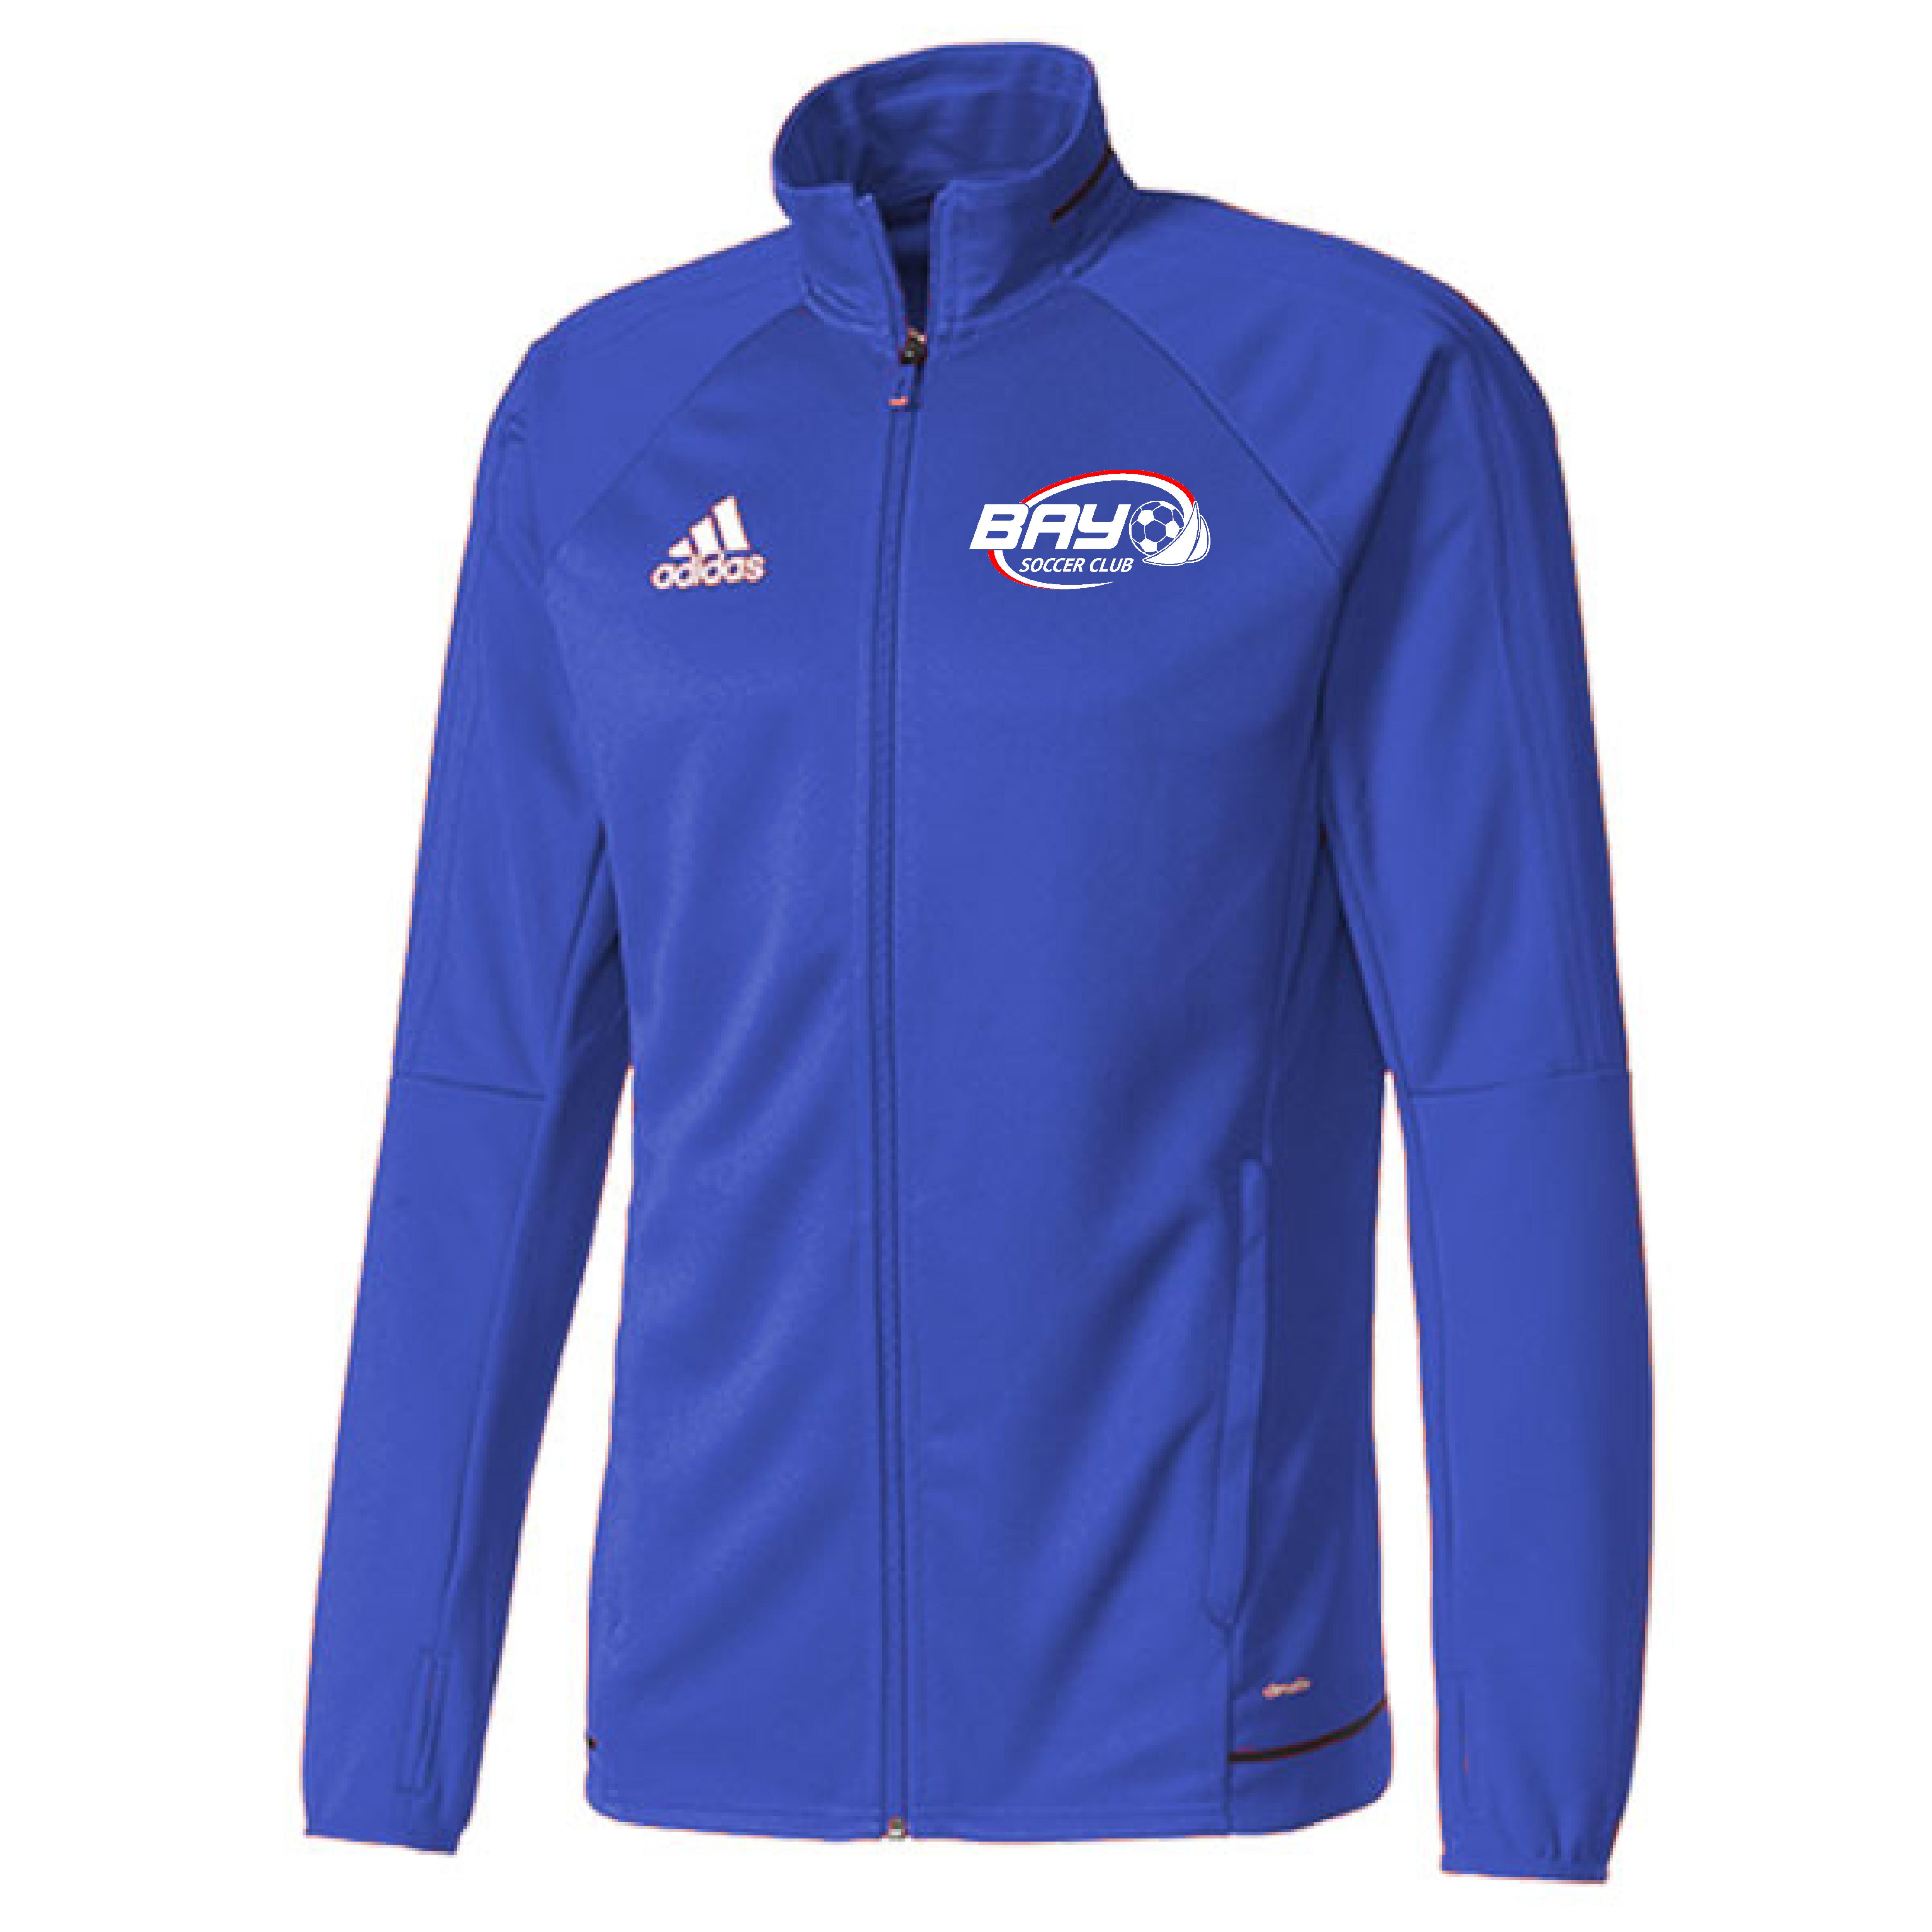 BSC Adidas Warm Up Jacket bdaf05040c37